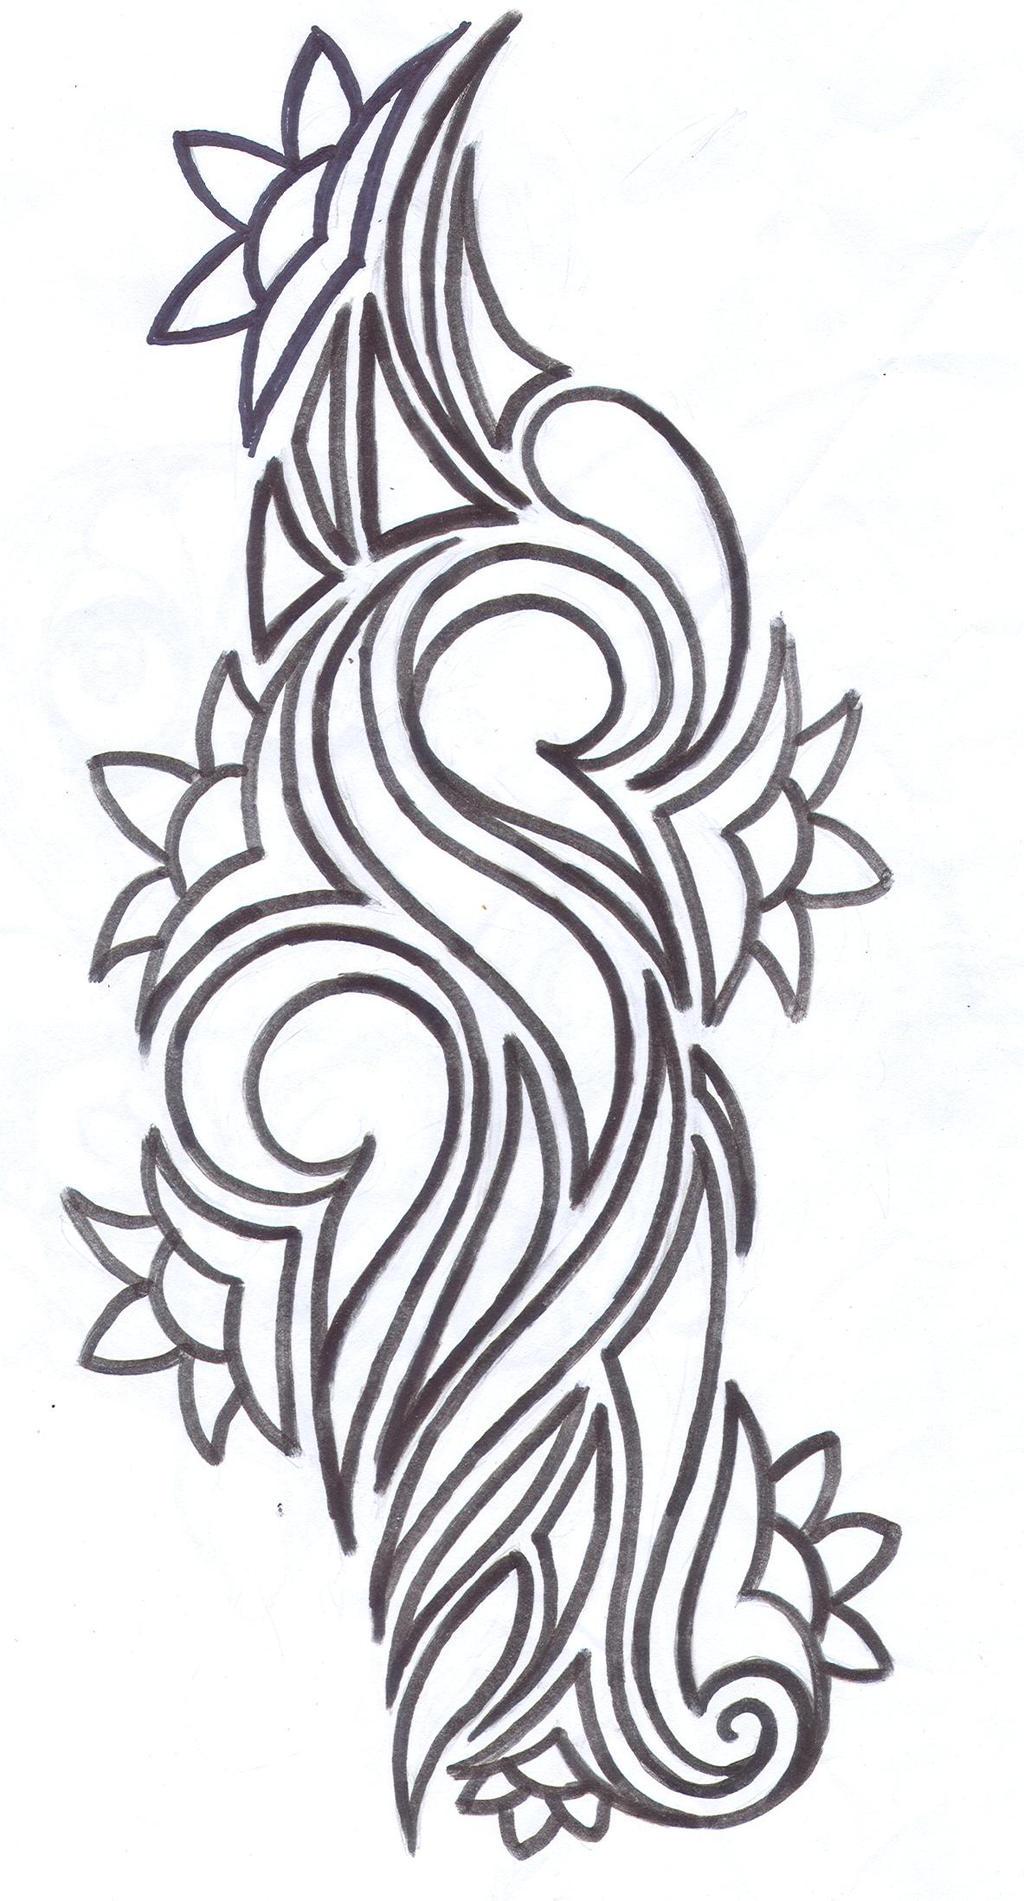 tribal flower tattoo design by average sensation on deviantart. Black Bedroom Furniture Sets. Home Design Ideas